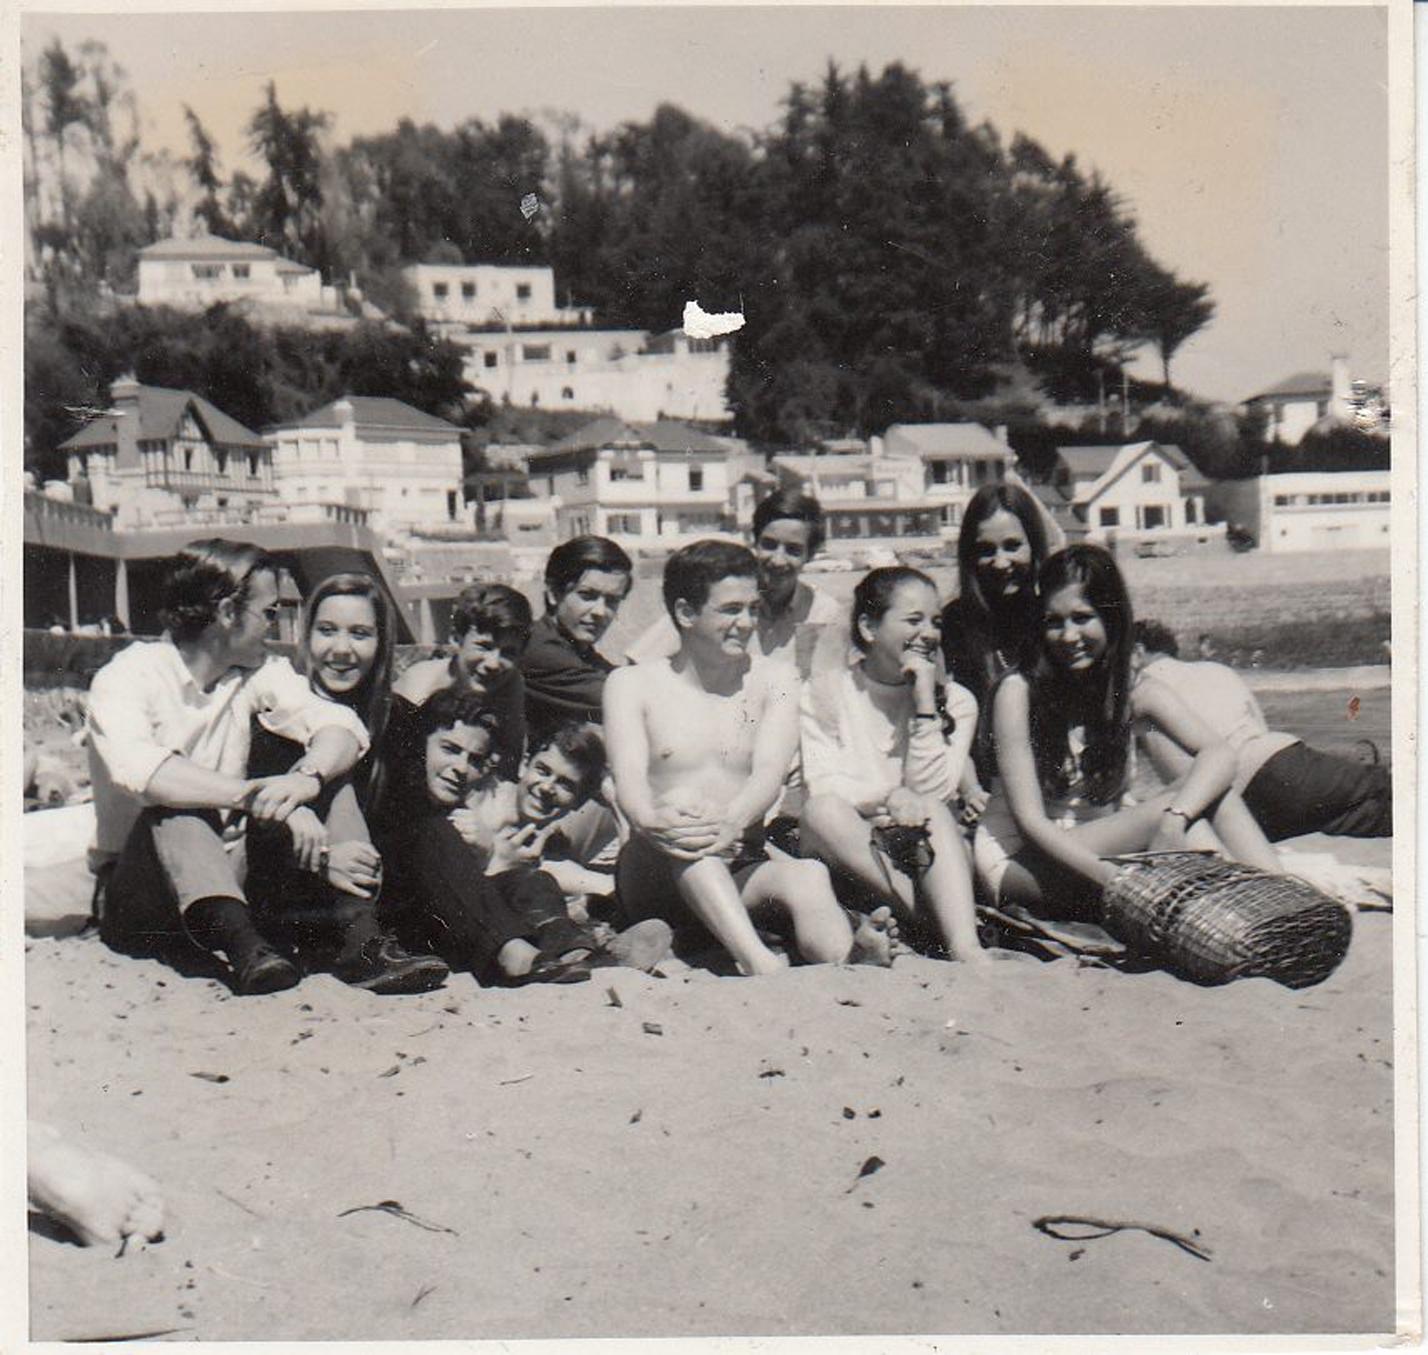 Enterreno - Fotos históricas de chile - fotos antiguas de Chile - Grupo de jóvenes veraneantes en la Playa Amarilla de Concón